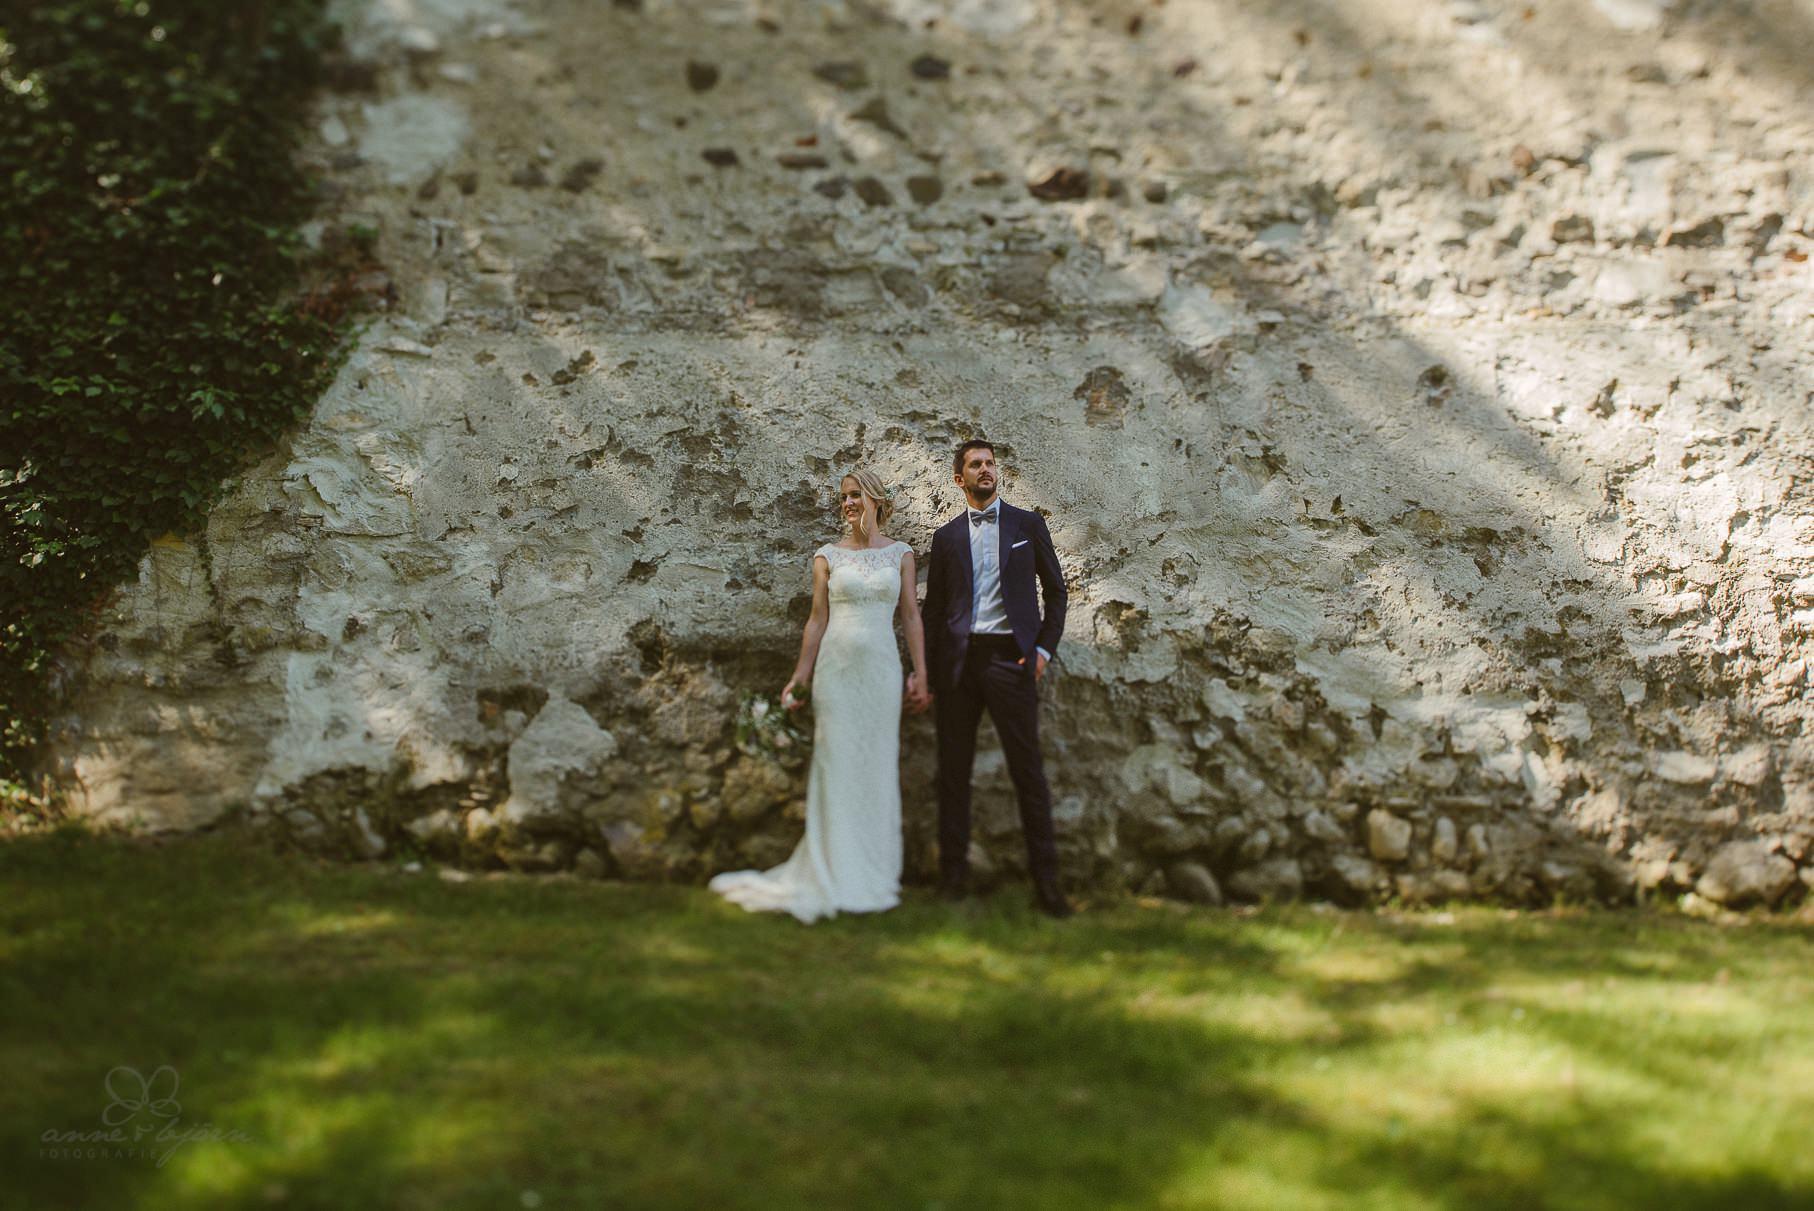 0082 anne und bjoern hochzeit schweiz d75 1083 - DIY Hochzeit in der Schweiz - Sabrina & Christoph